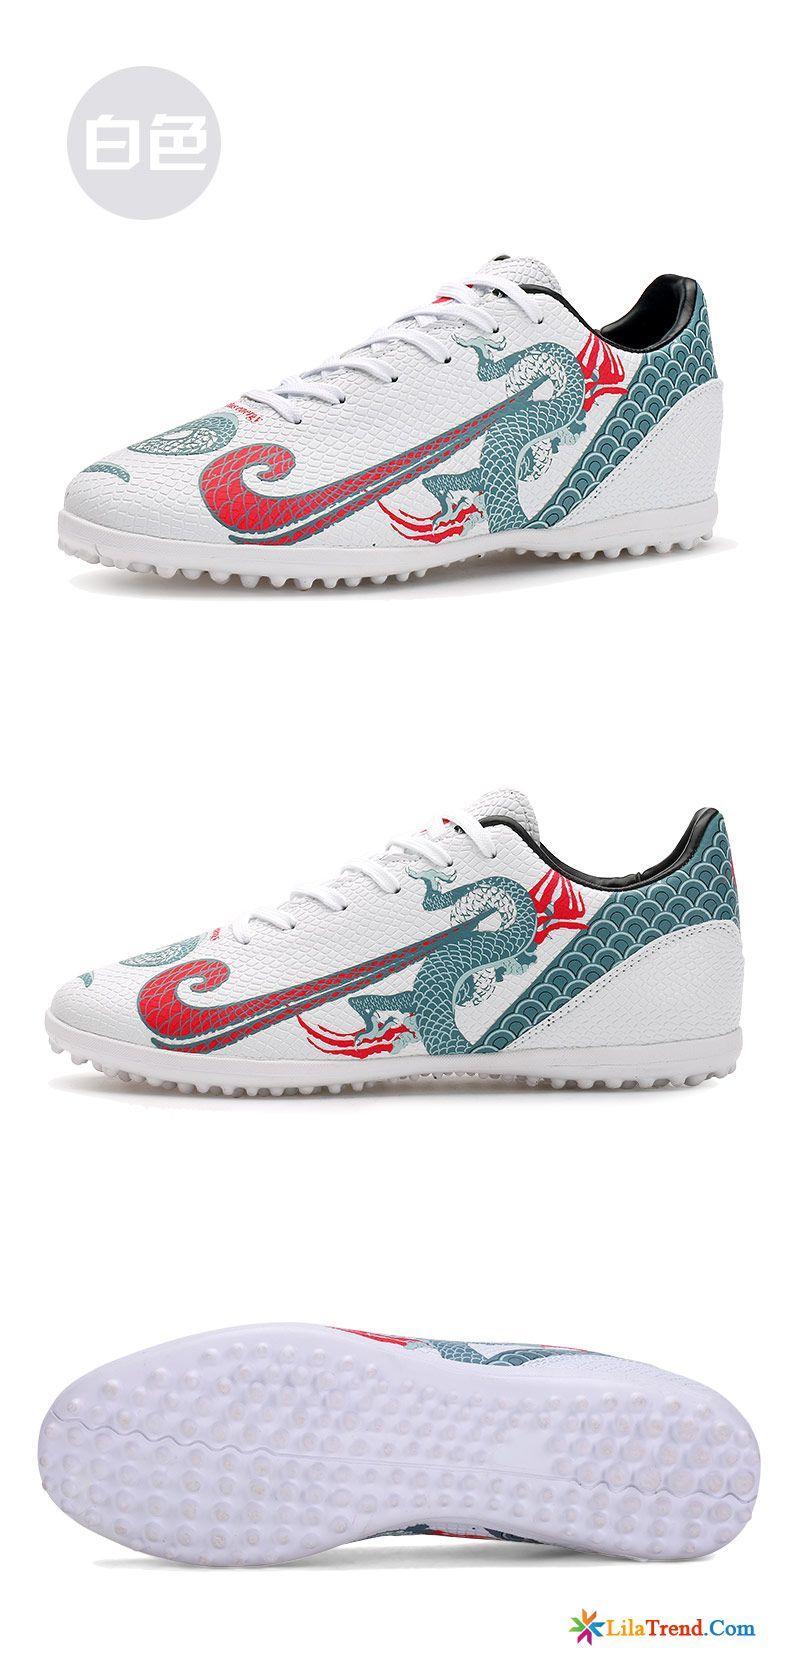 Herren Schuhe Weiß Fußballschuhe Drinnen Zerbrochene Nägel